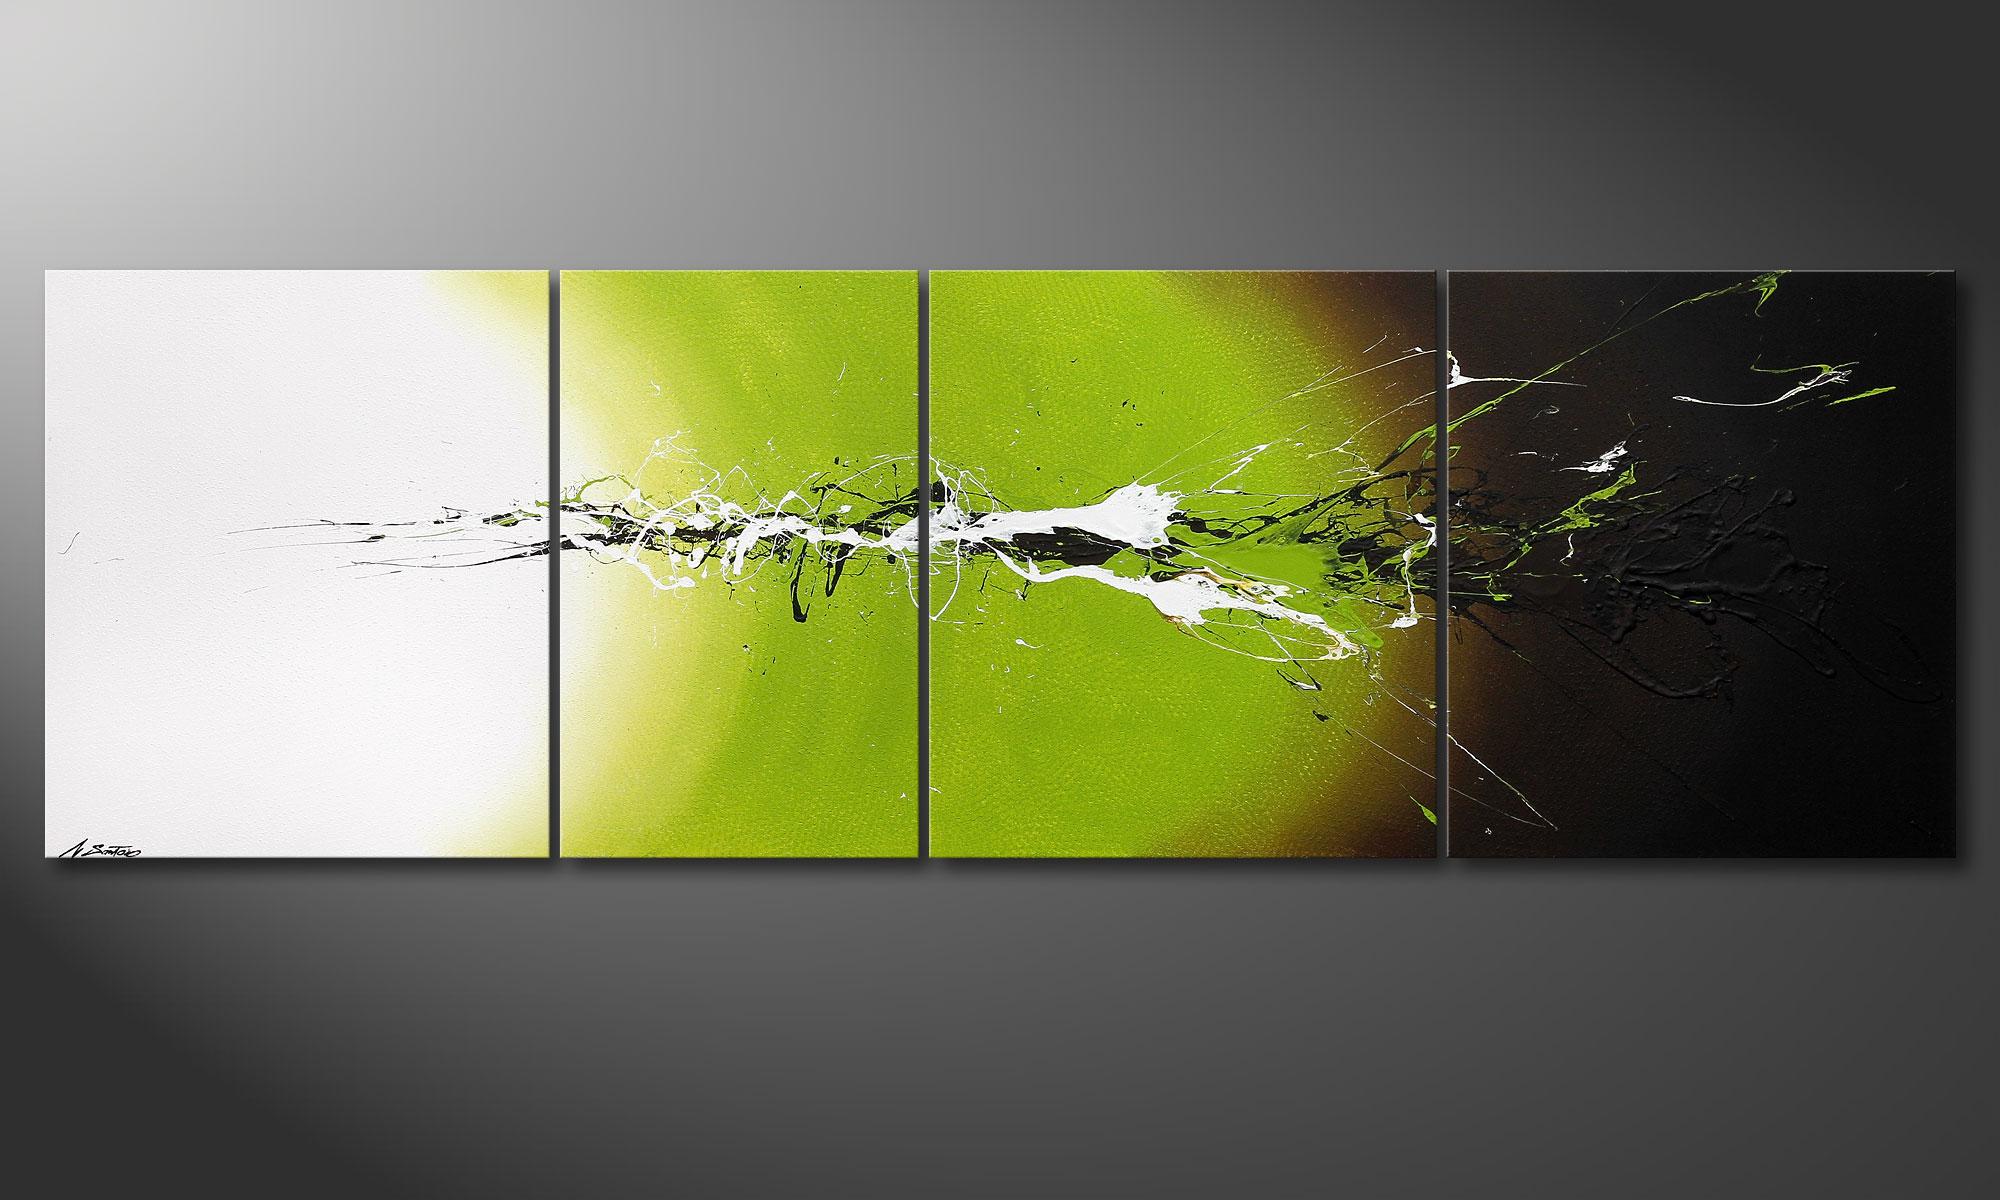 La peinture grand format juicy splash 260x80cm tableaux xxl for Tableau contemporain grand format